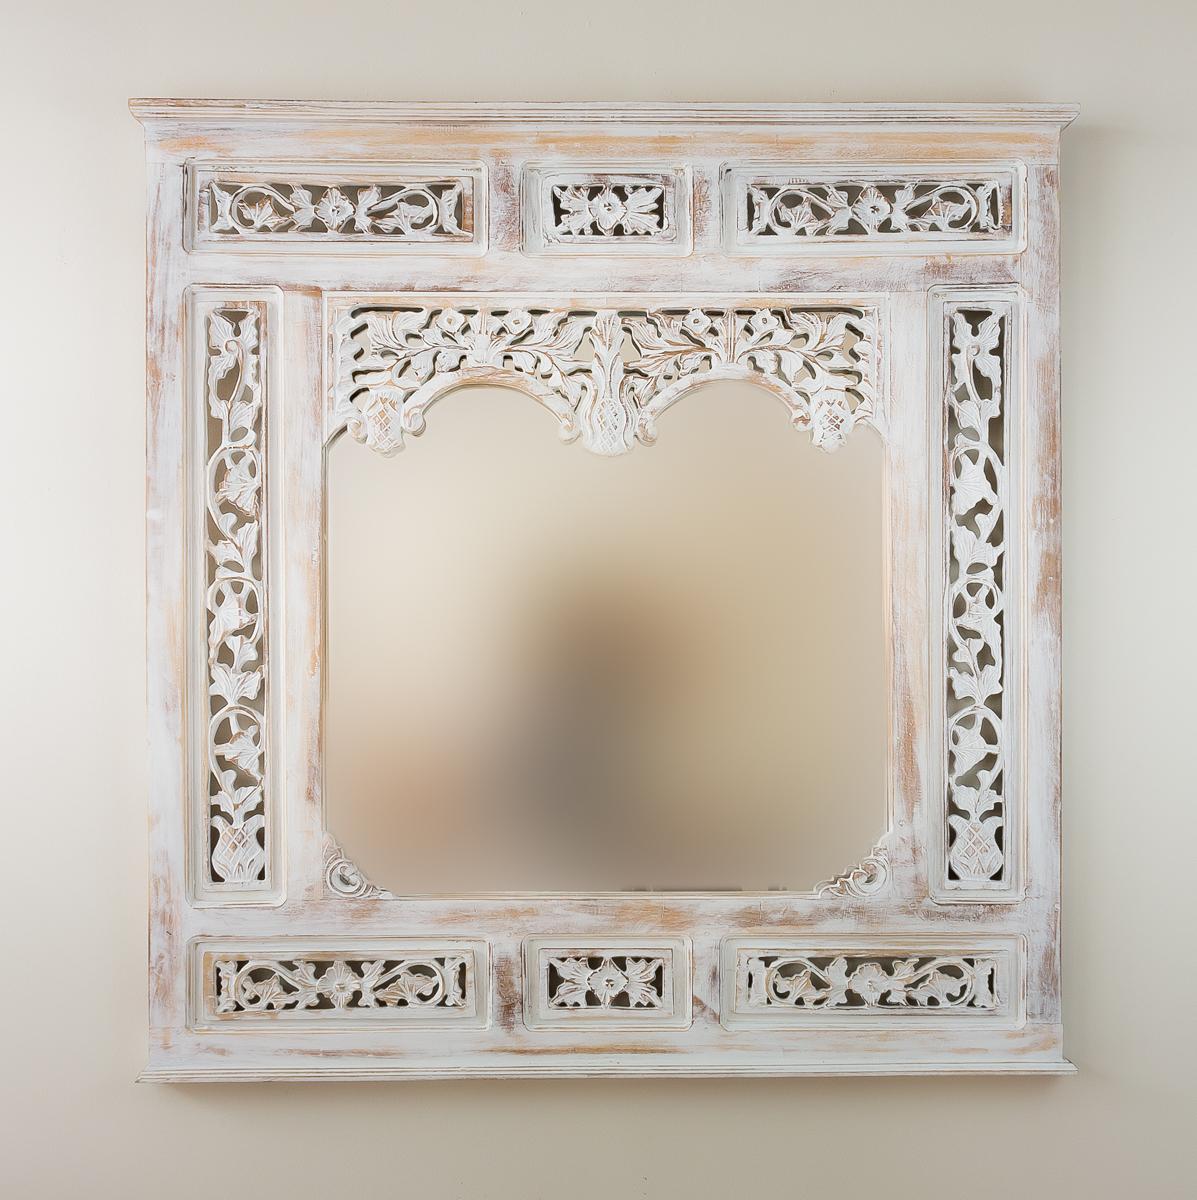 Espejo decorativo de pared en madera nanas teca blanco for Espejo blanco envejecido